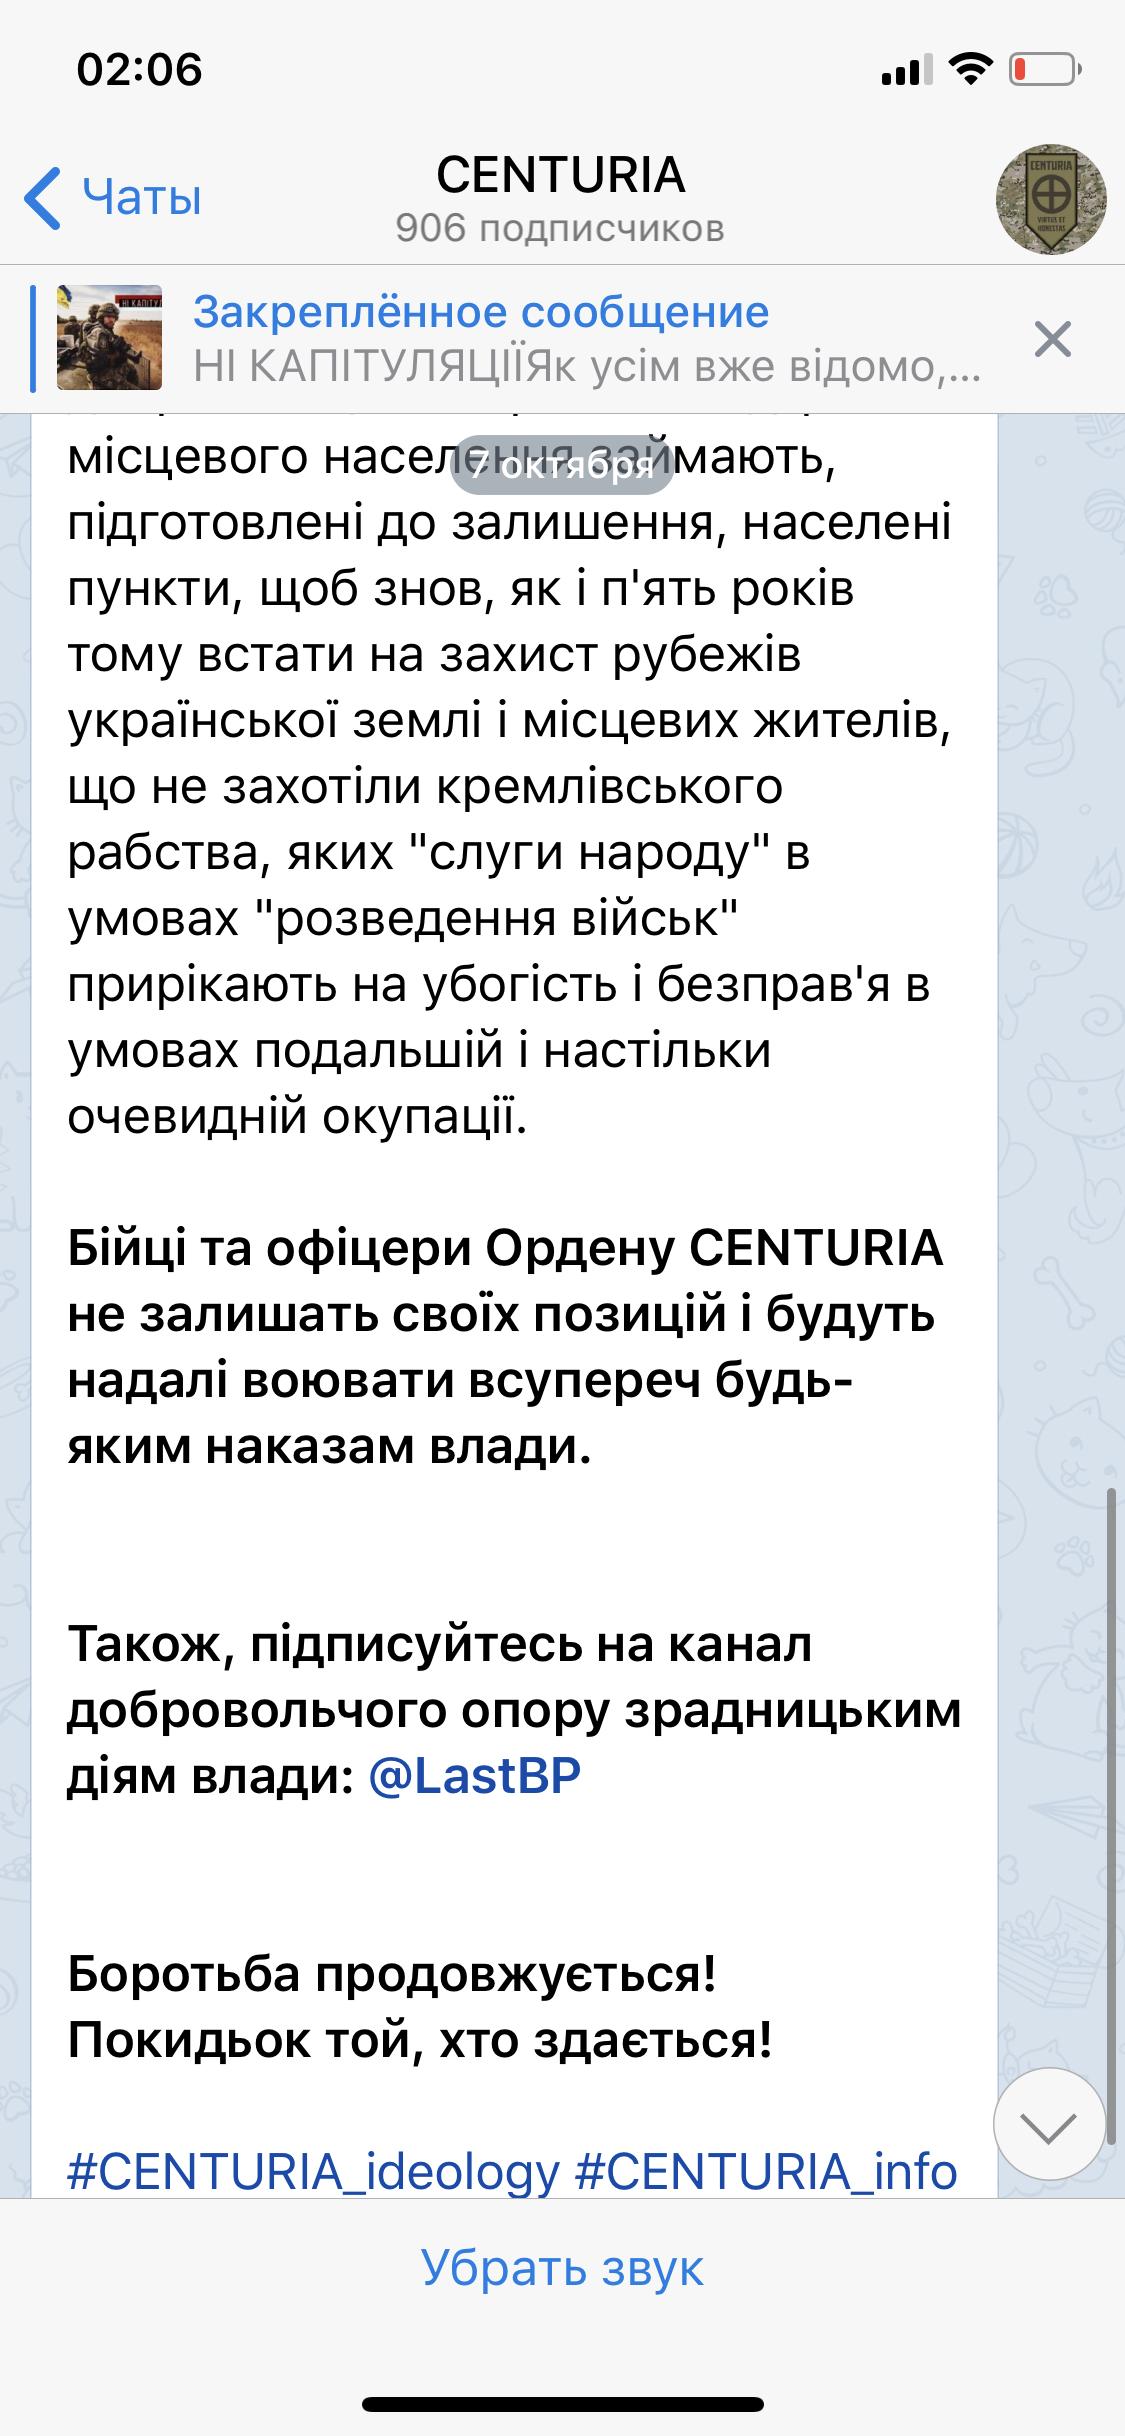 «Мы останемся воевать»: ультраправые в ВСУ игнорируют решения президента Зеленского